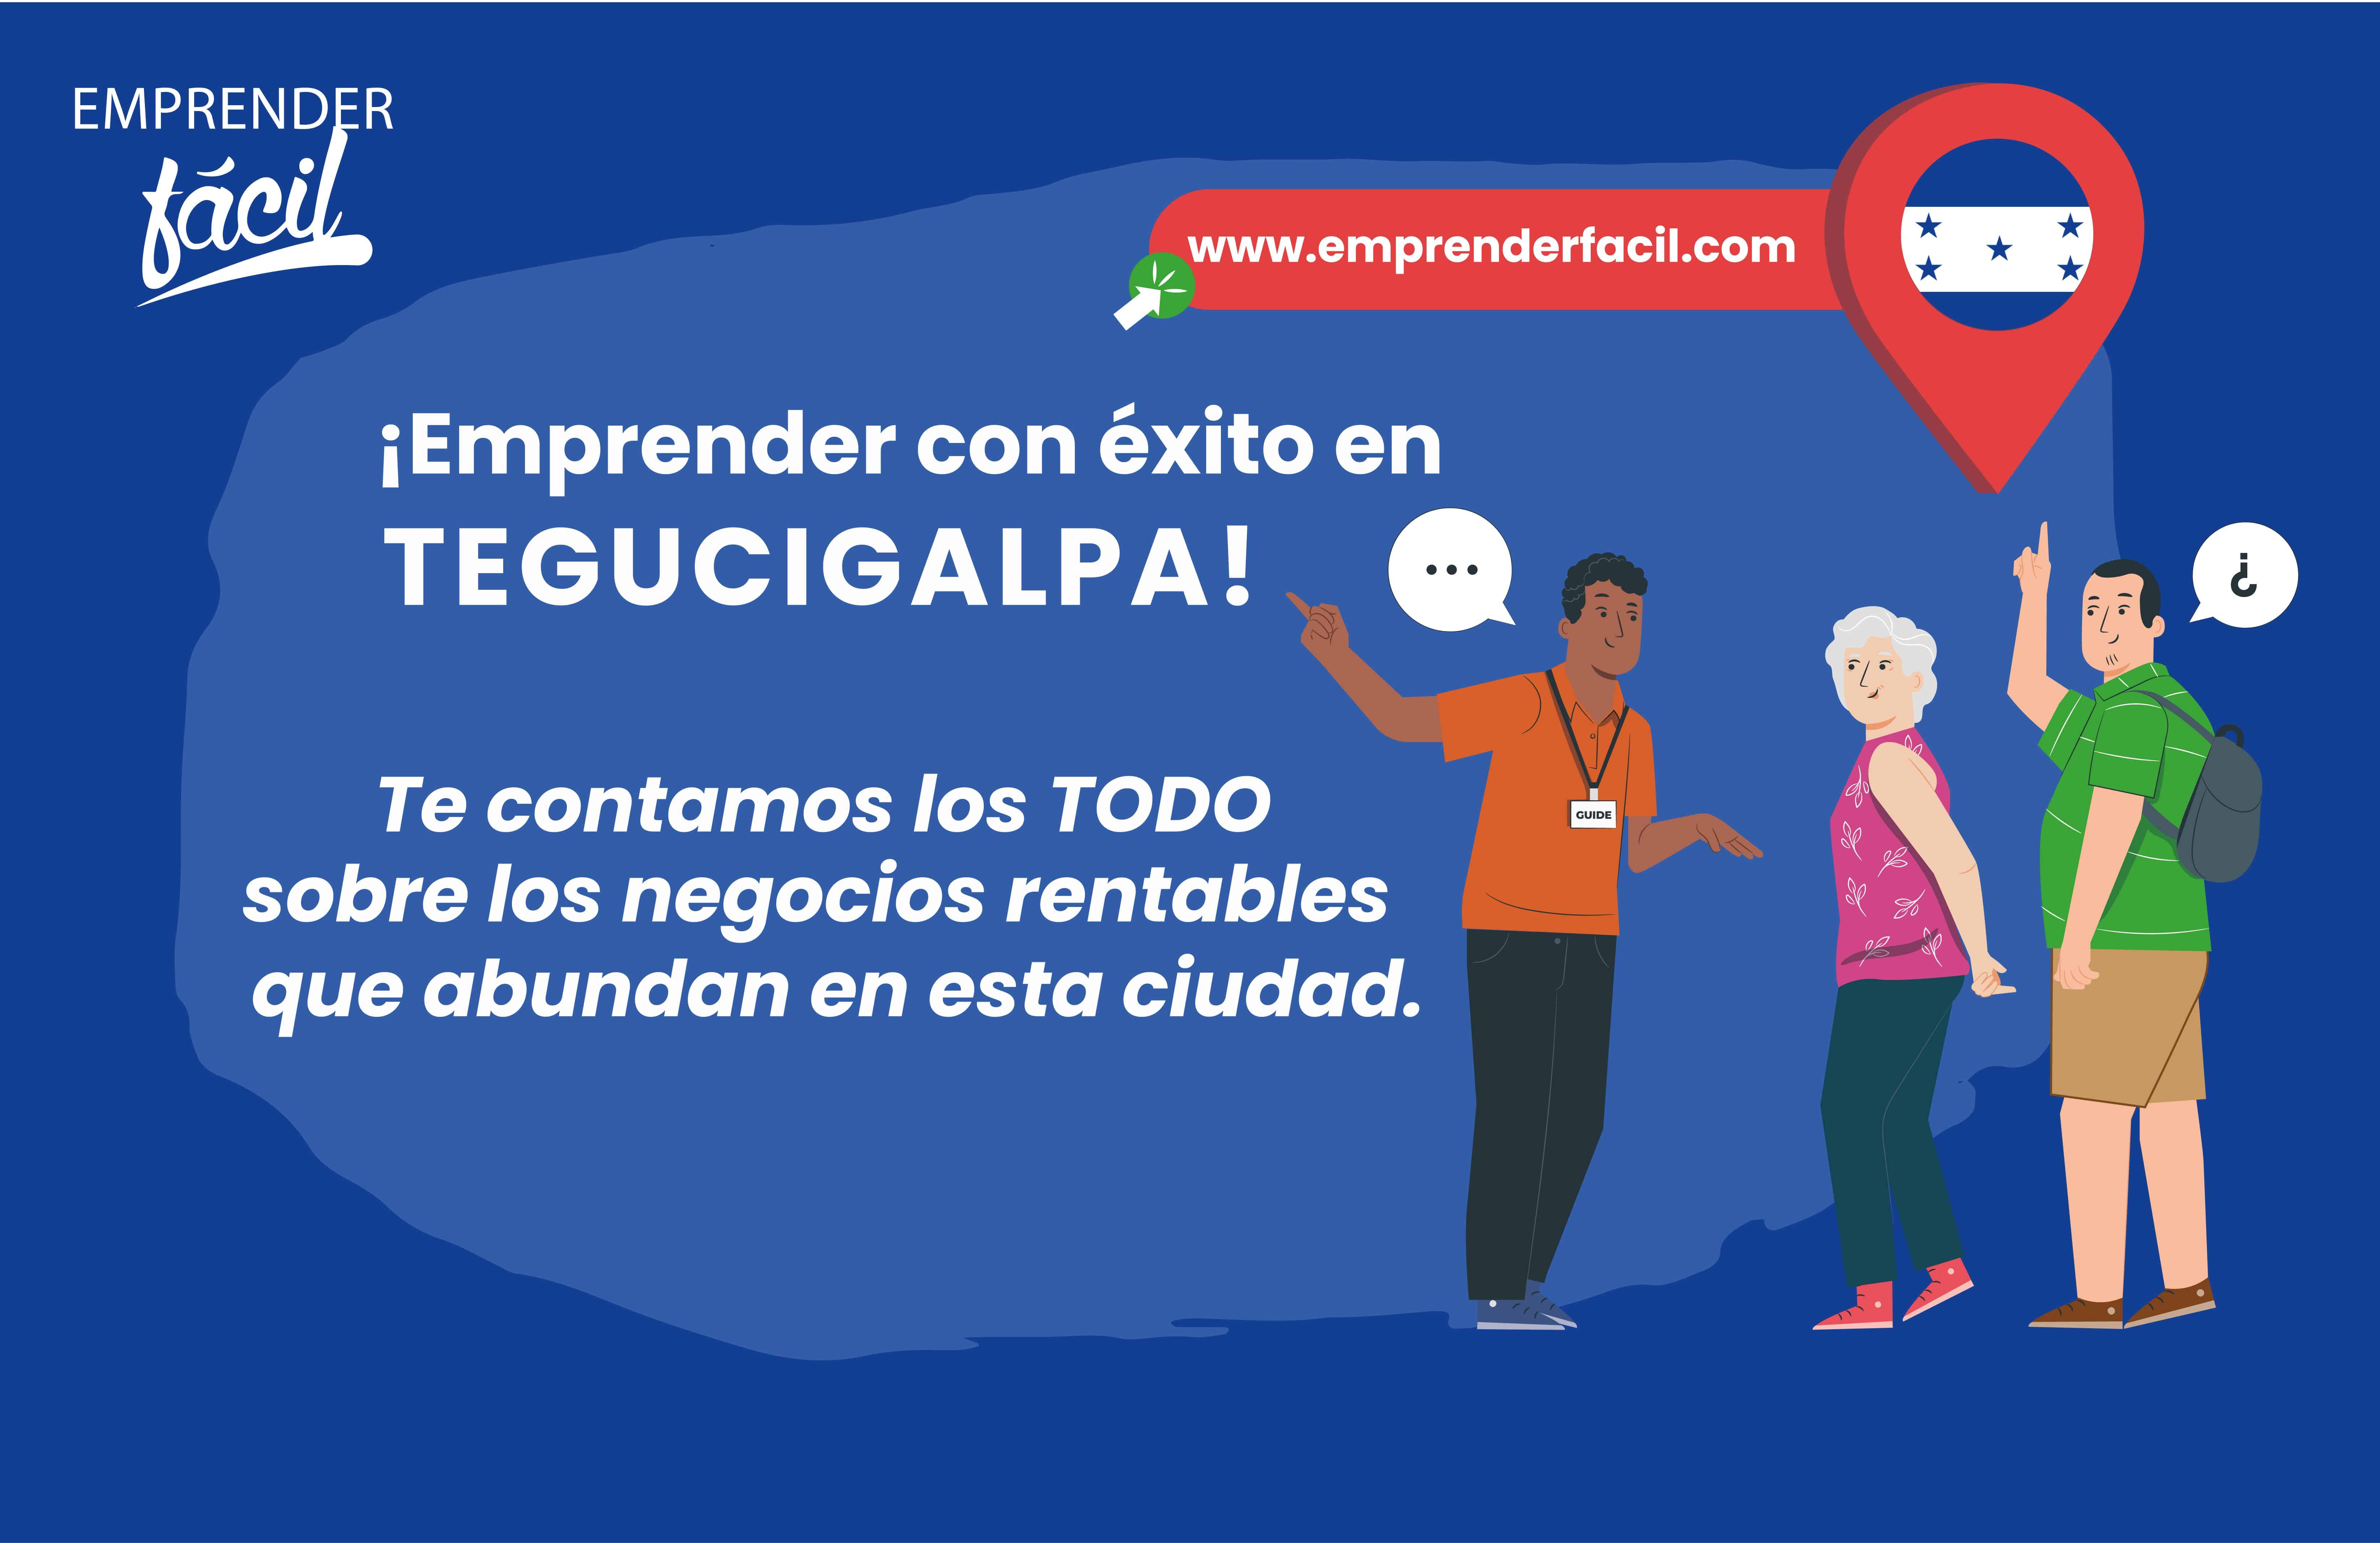 Negocios rentables en Tegucigalpa, Honduras. ¡Muy buenos!